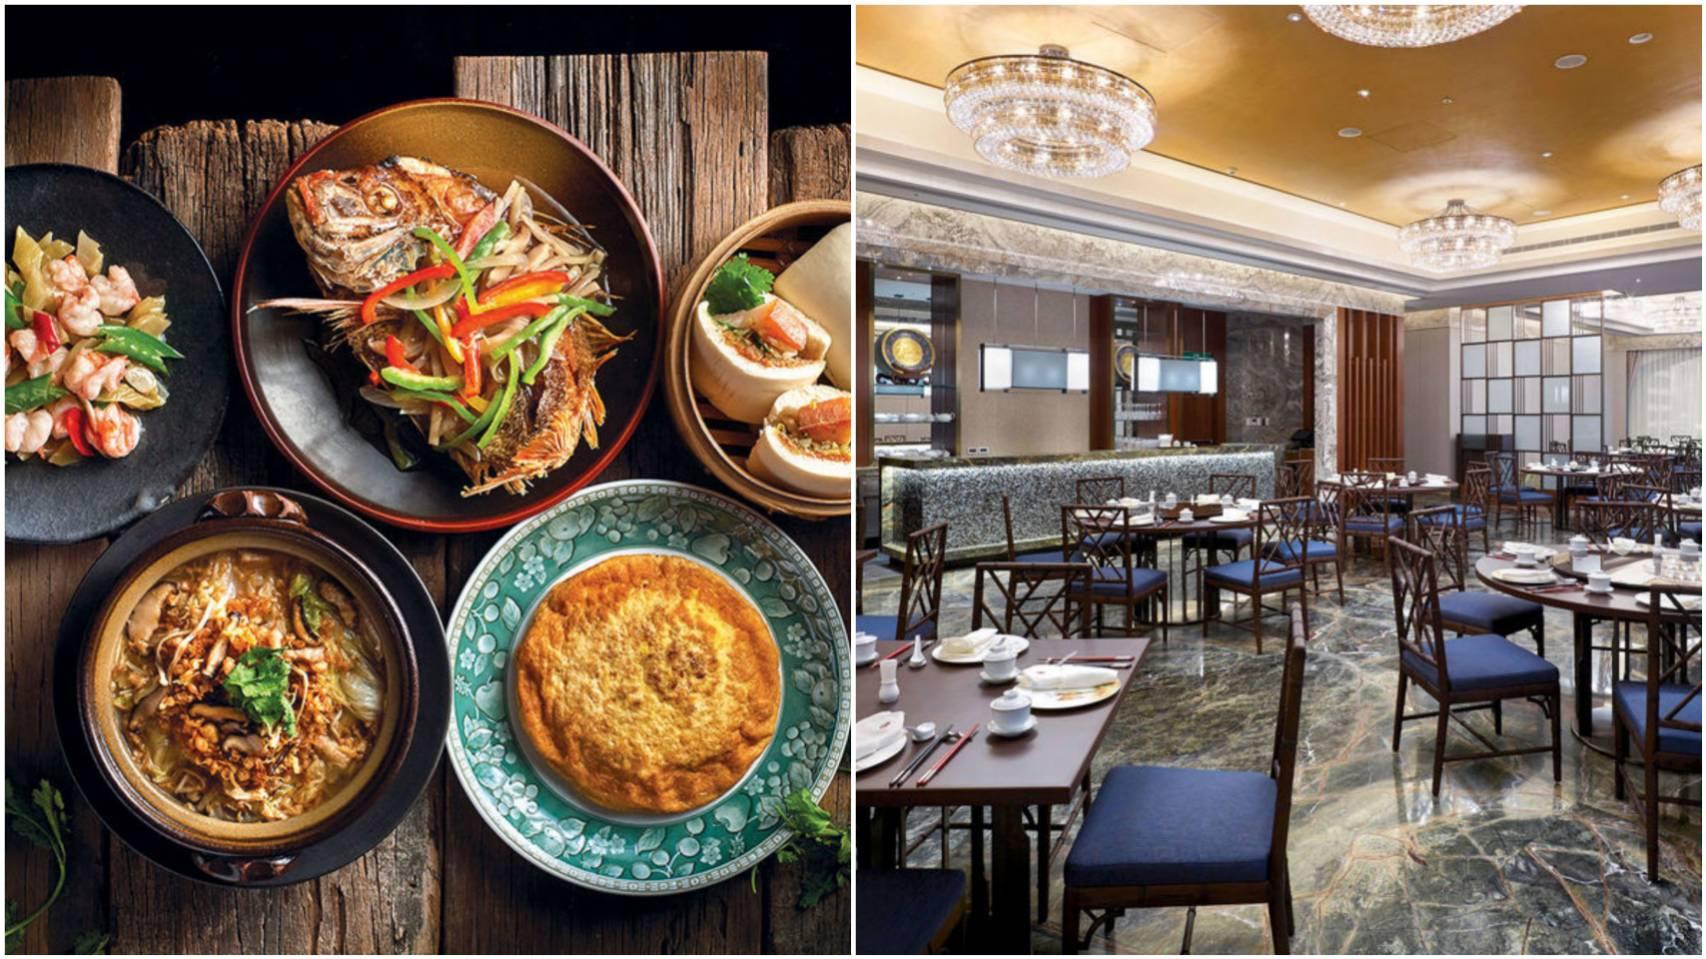 位於大直美福大飯店內的臺菜餐廳米香,在傳承臺菜經典風味時,又能為家常菜打造出嶄新而細膩的面貌。(圖片:米香)